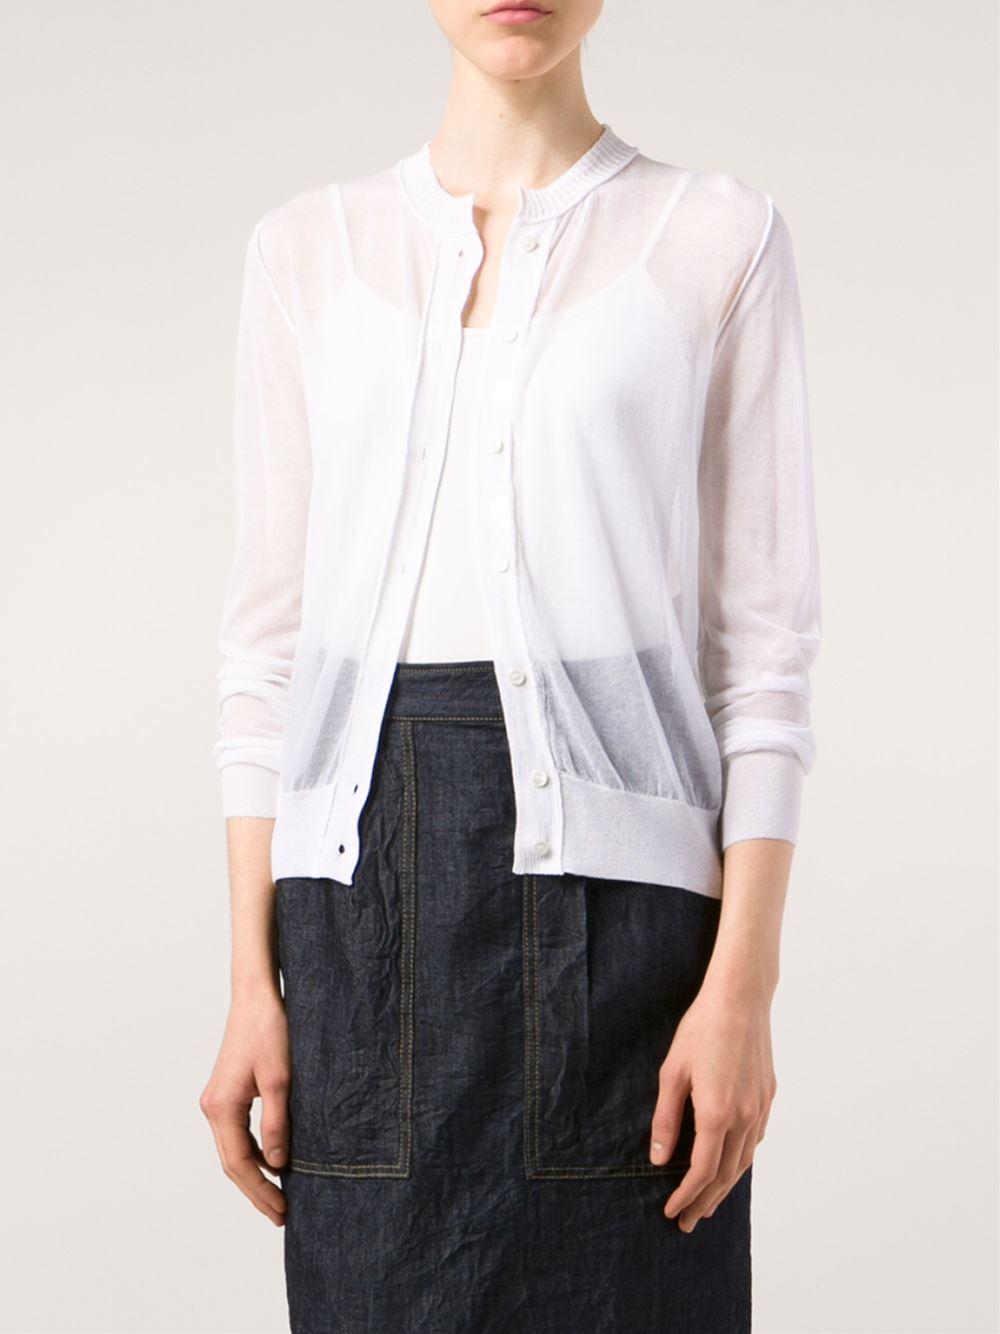 Vanessa bruno Sheer Cardigan in White | Lyst